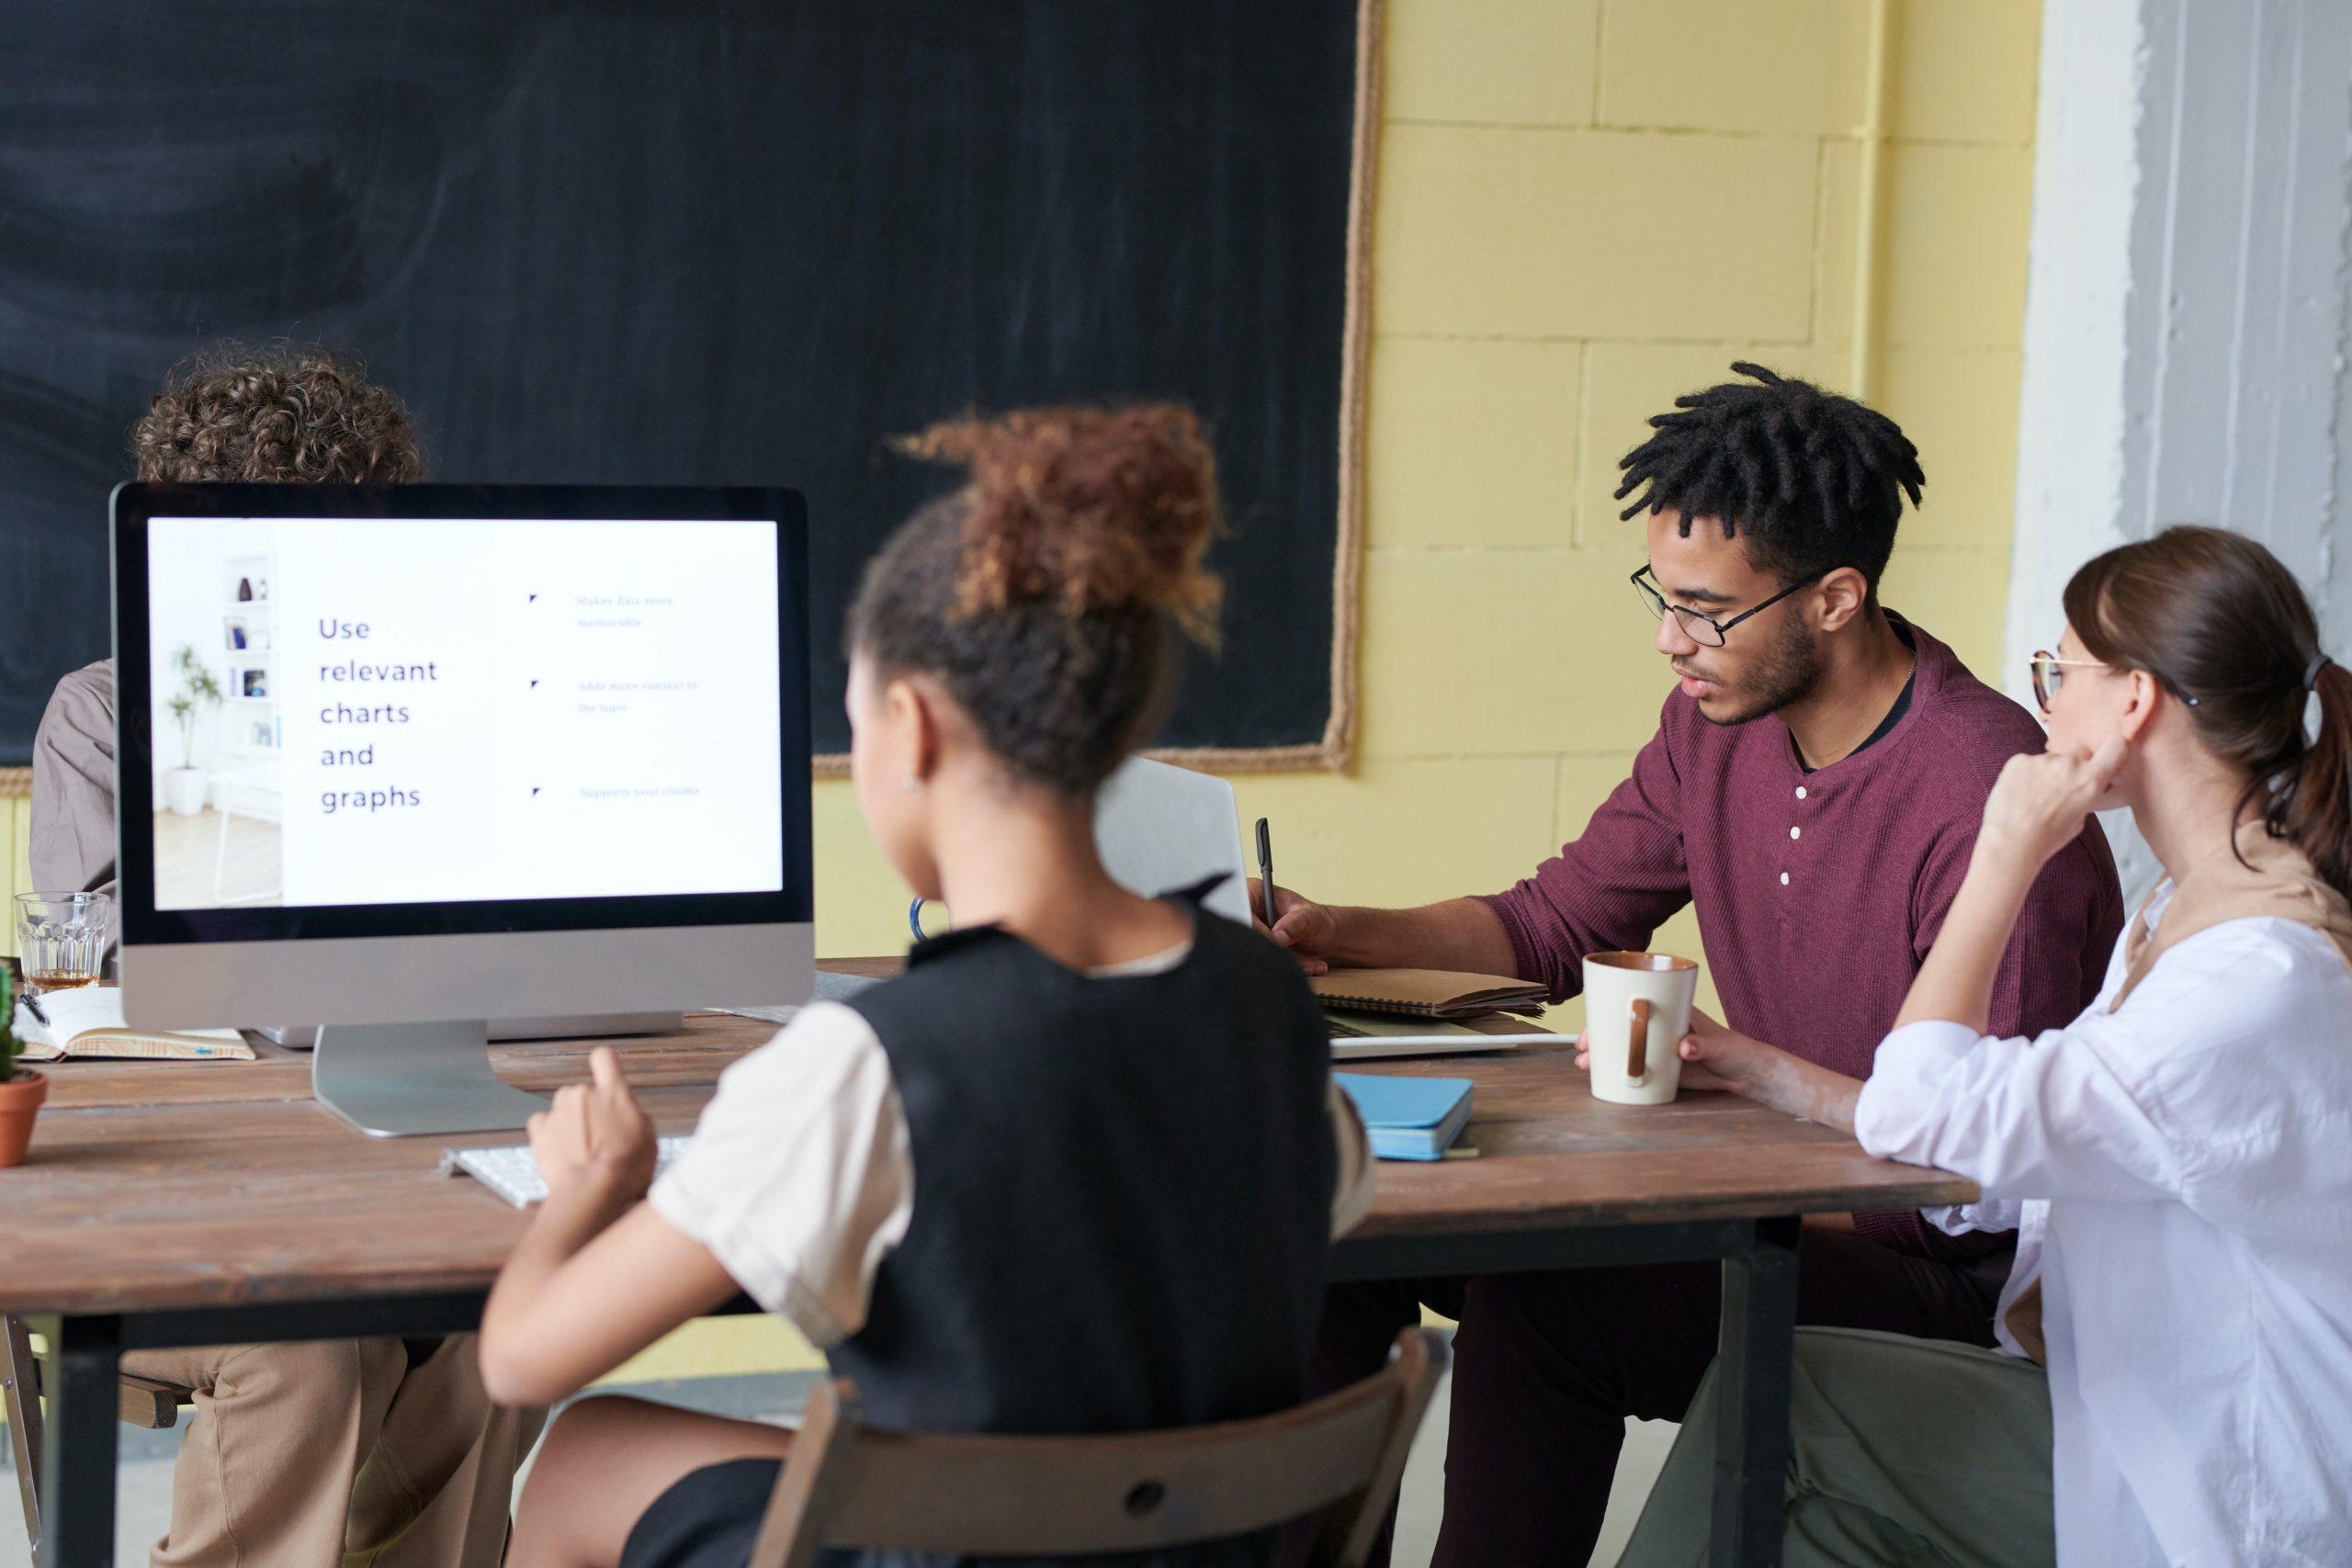 Equipe analisando missão visão e valores